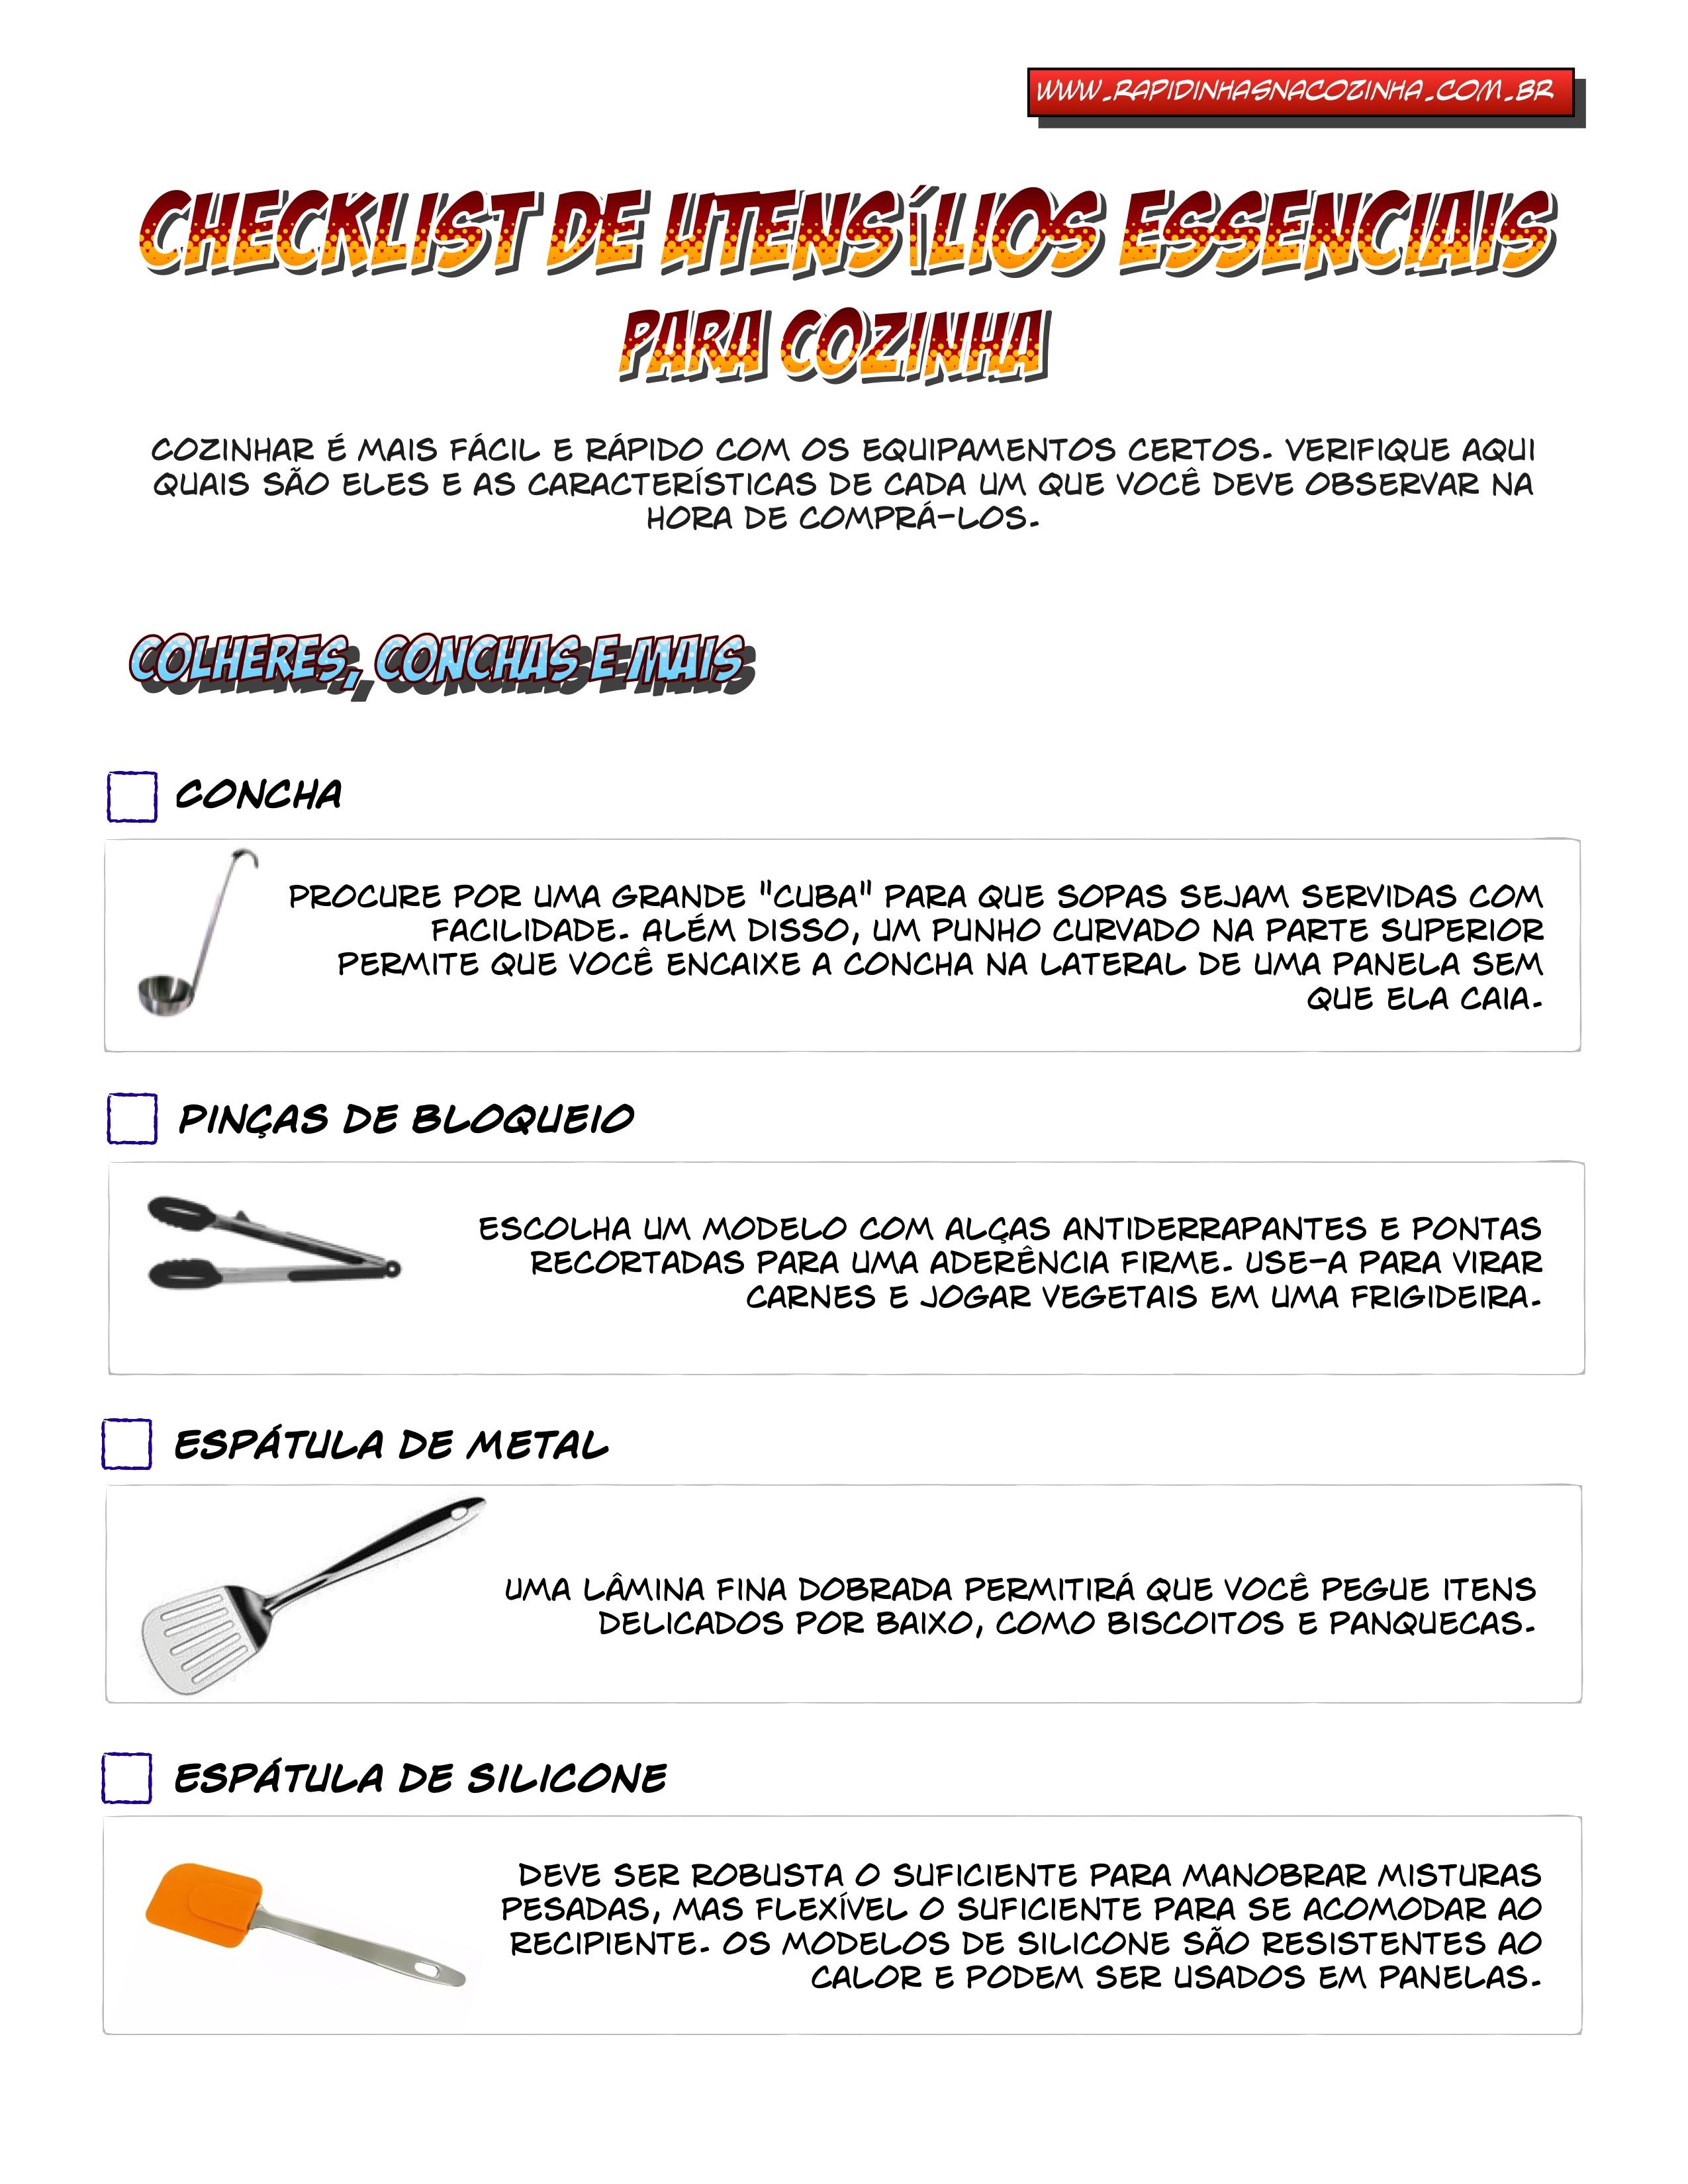 Utens Lios B Sicos De Cozinha Checklist Rapidinhas Na Cozinha